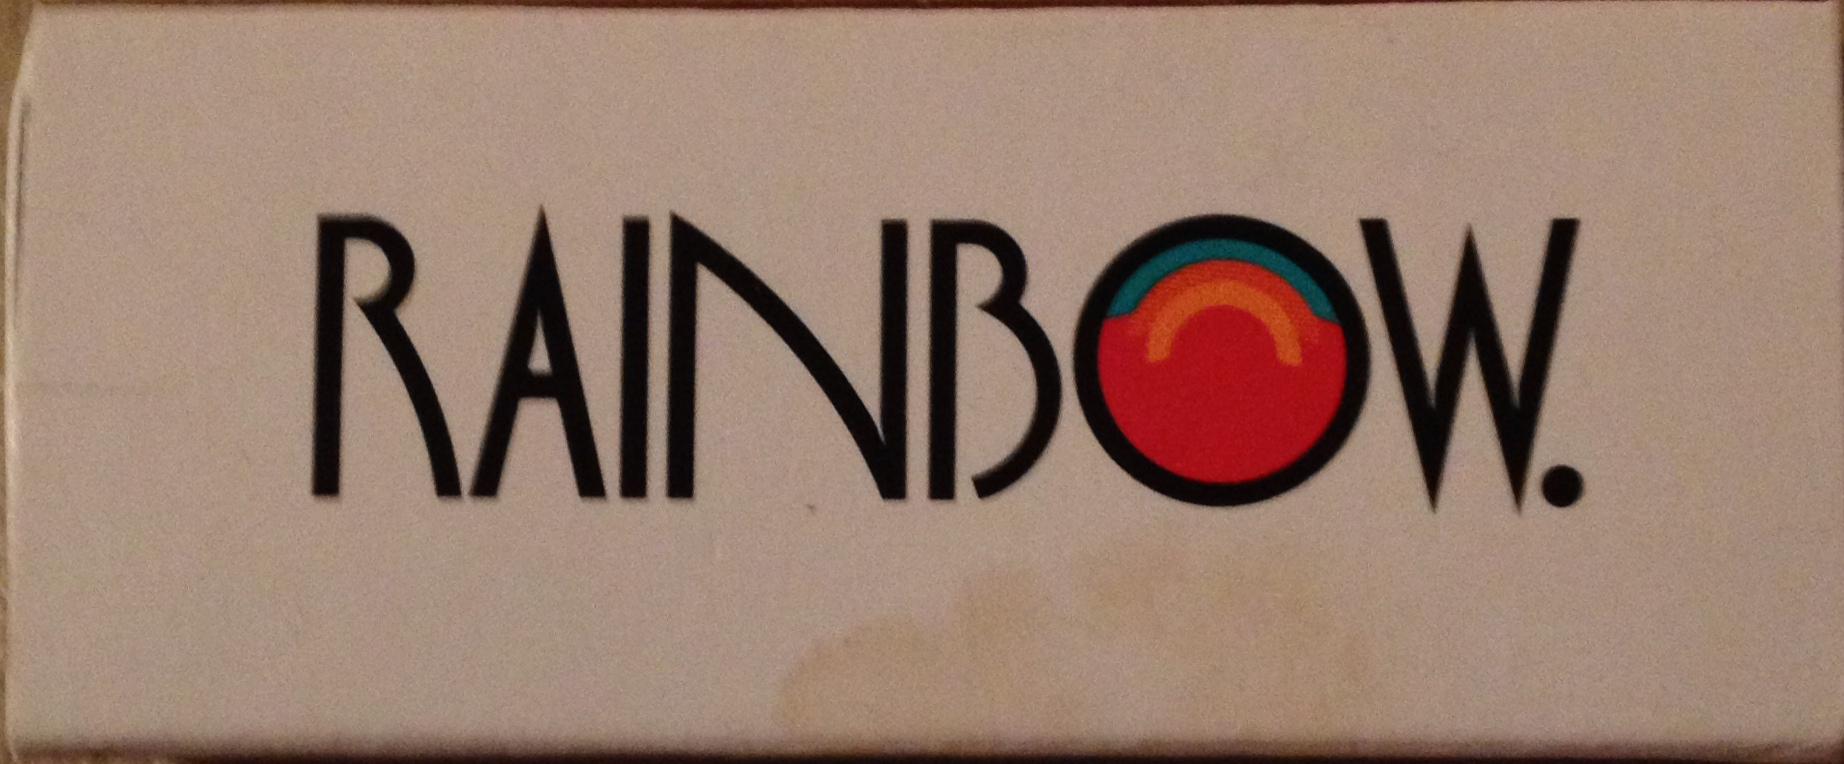 Rainbow_Room_Matchbook_-_Stierch.JPG